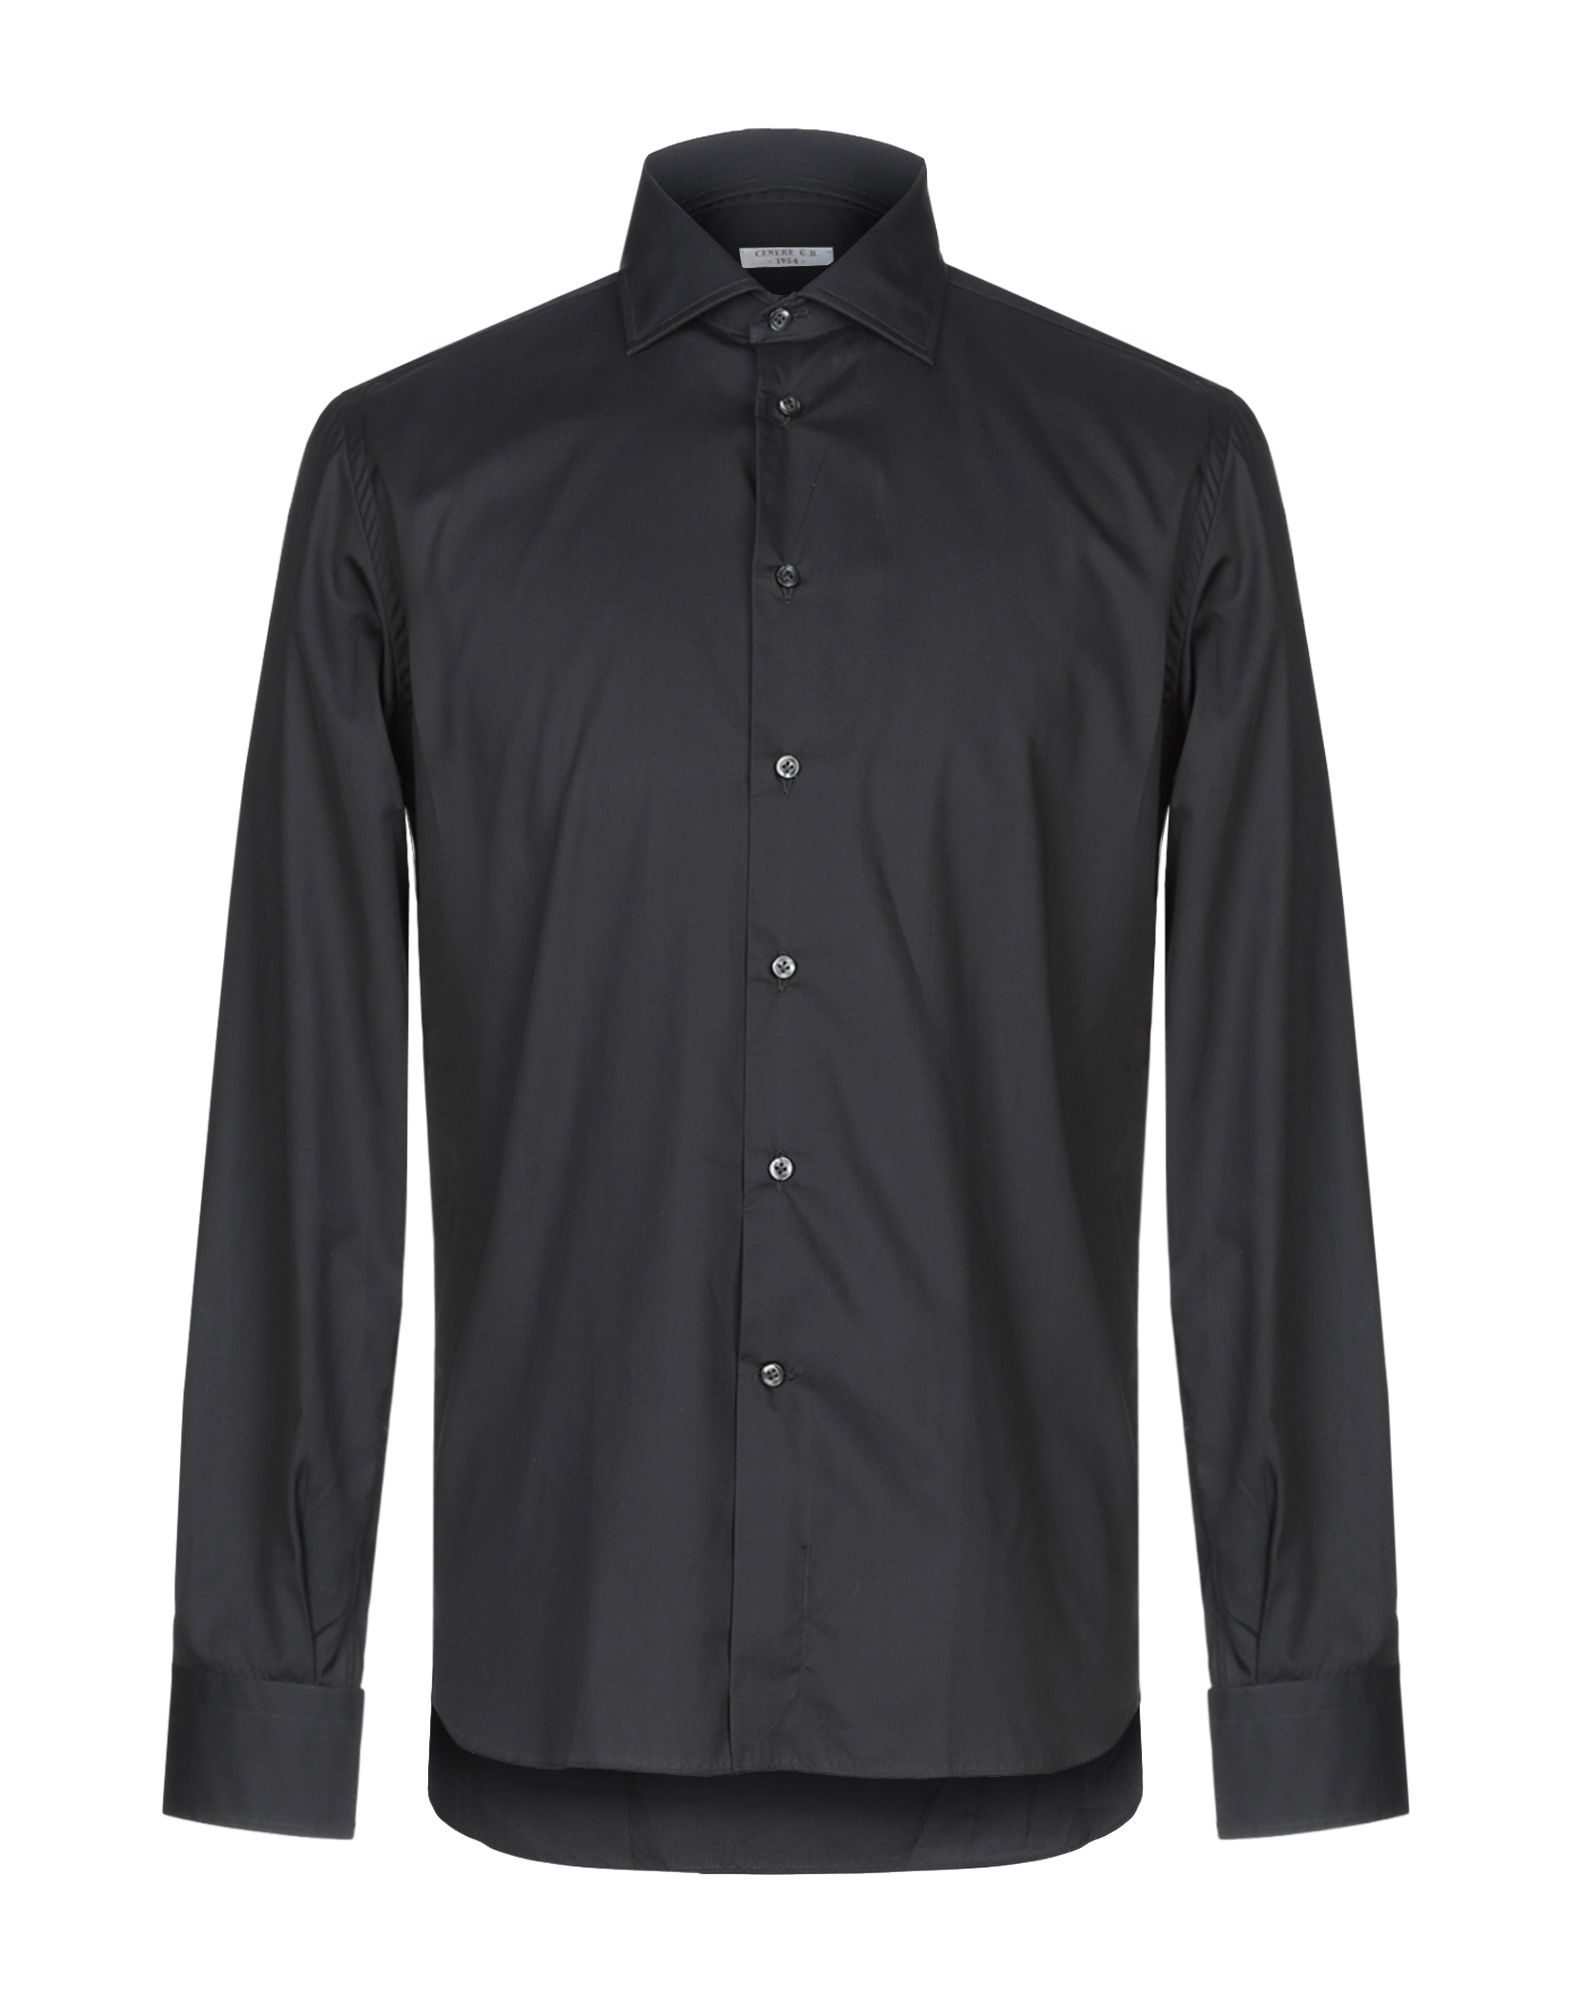 《期間限定セール中》G.B. CENERE メンズ シャツ ブラック 40 コットン 100%